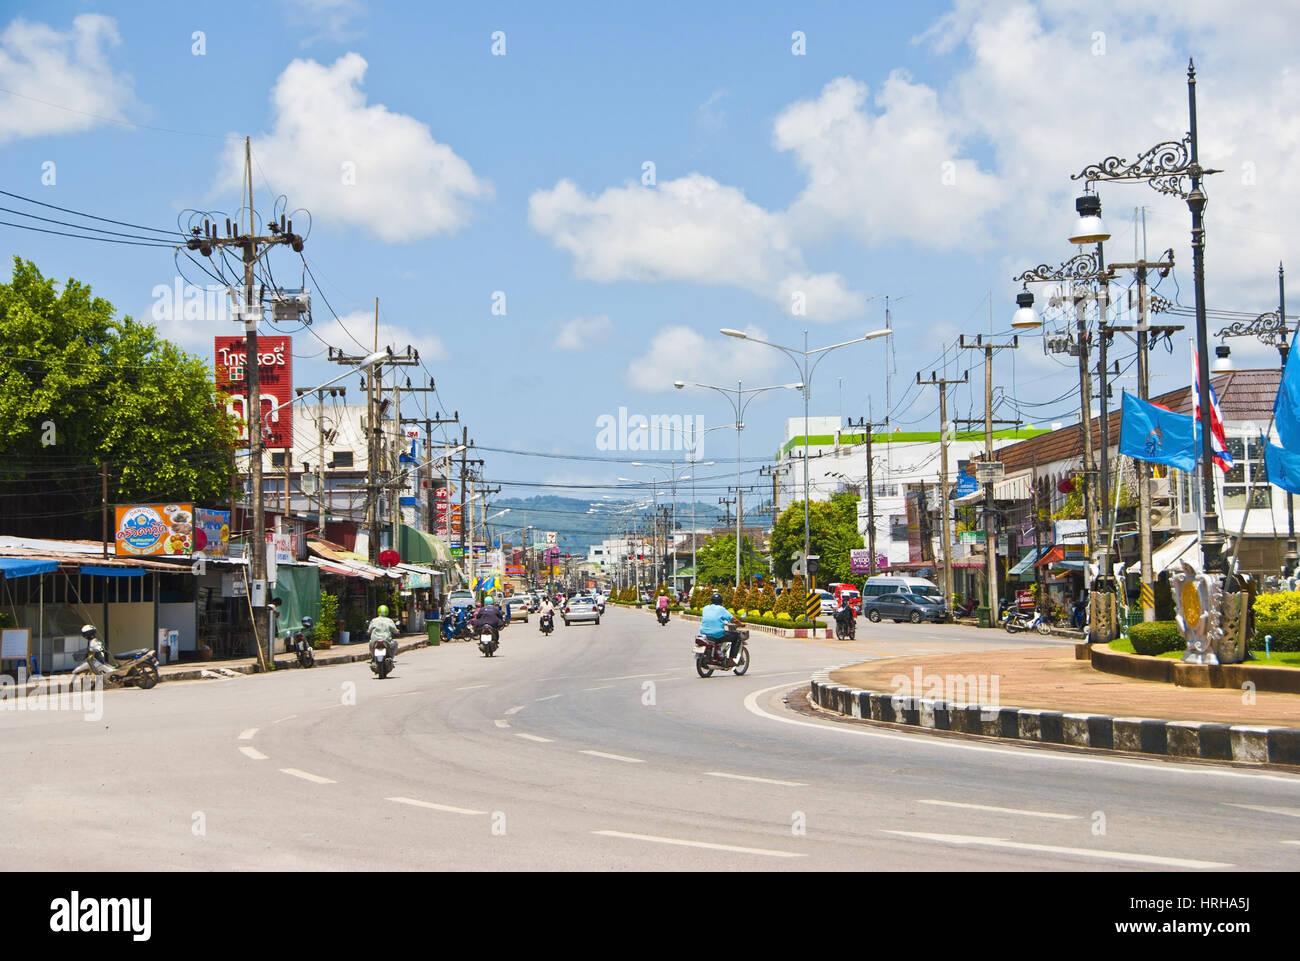 Phuket, Thailand - Phuket, Thailand - Stock Image